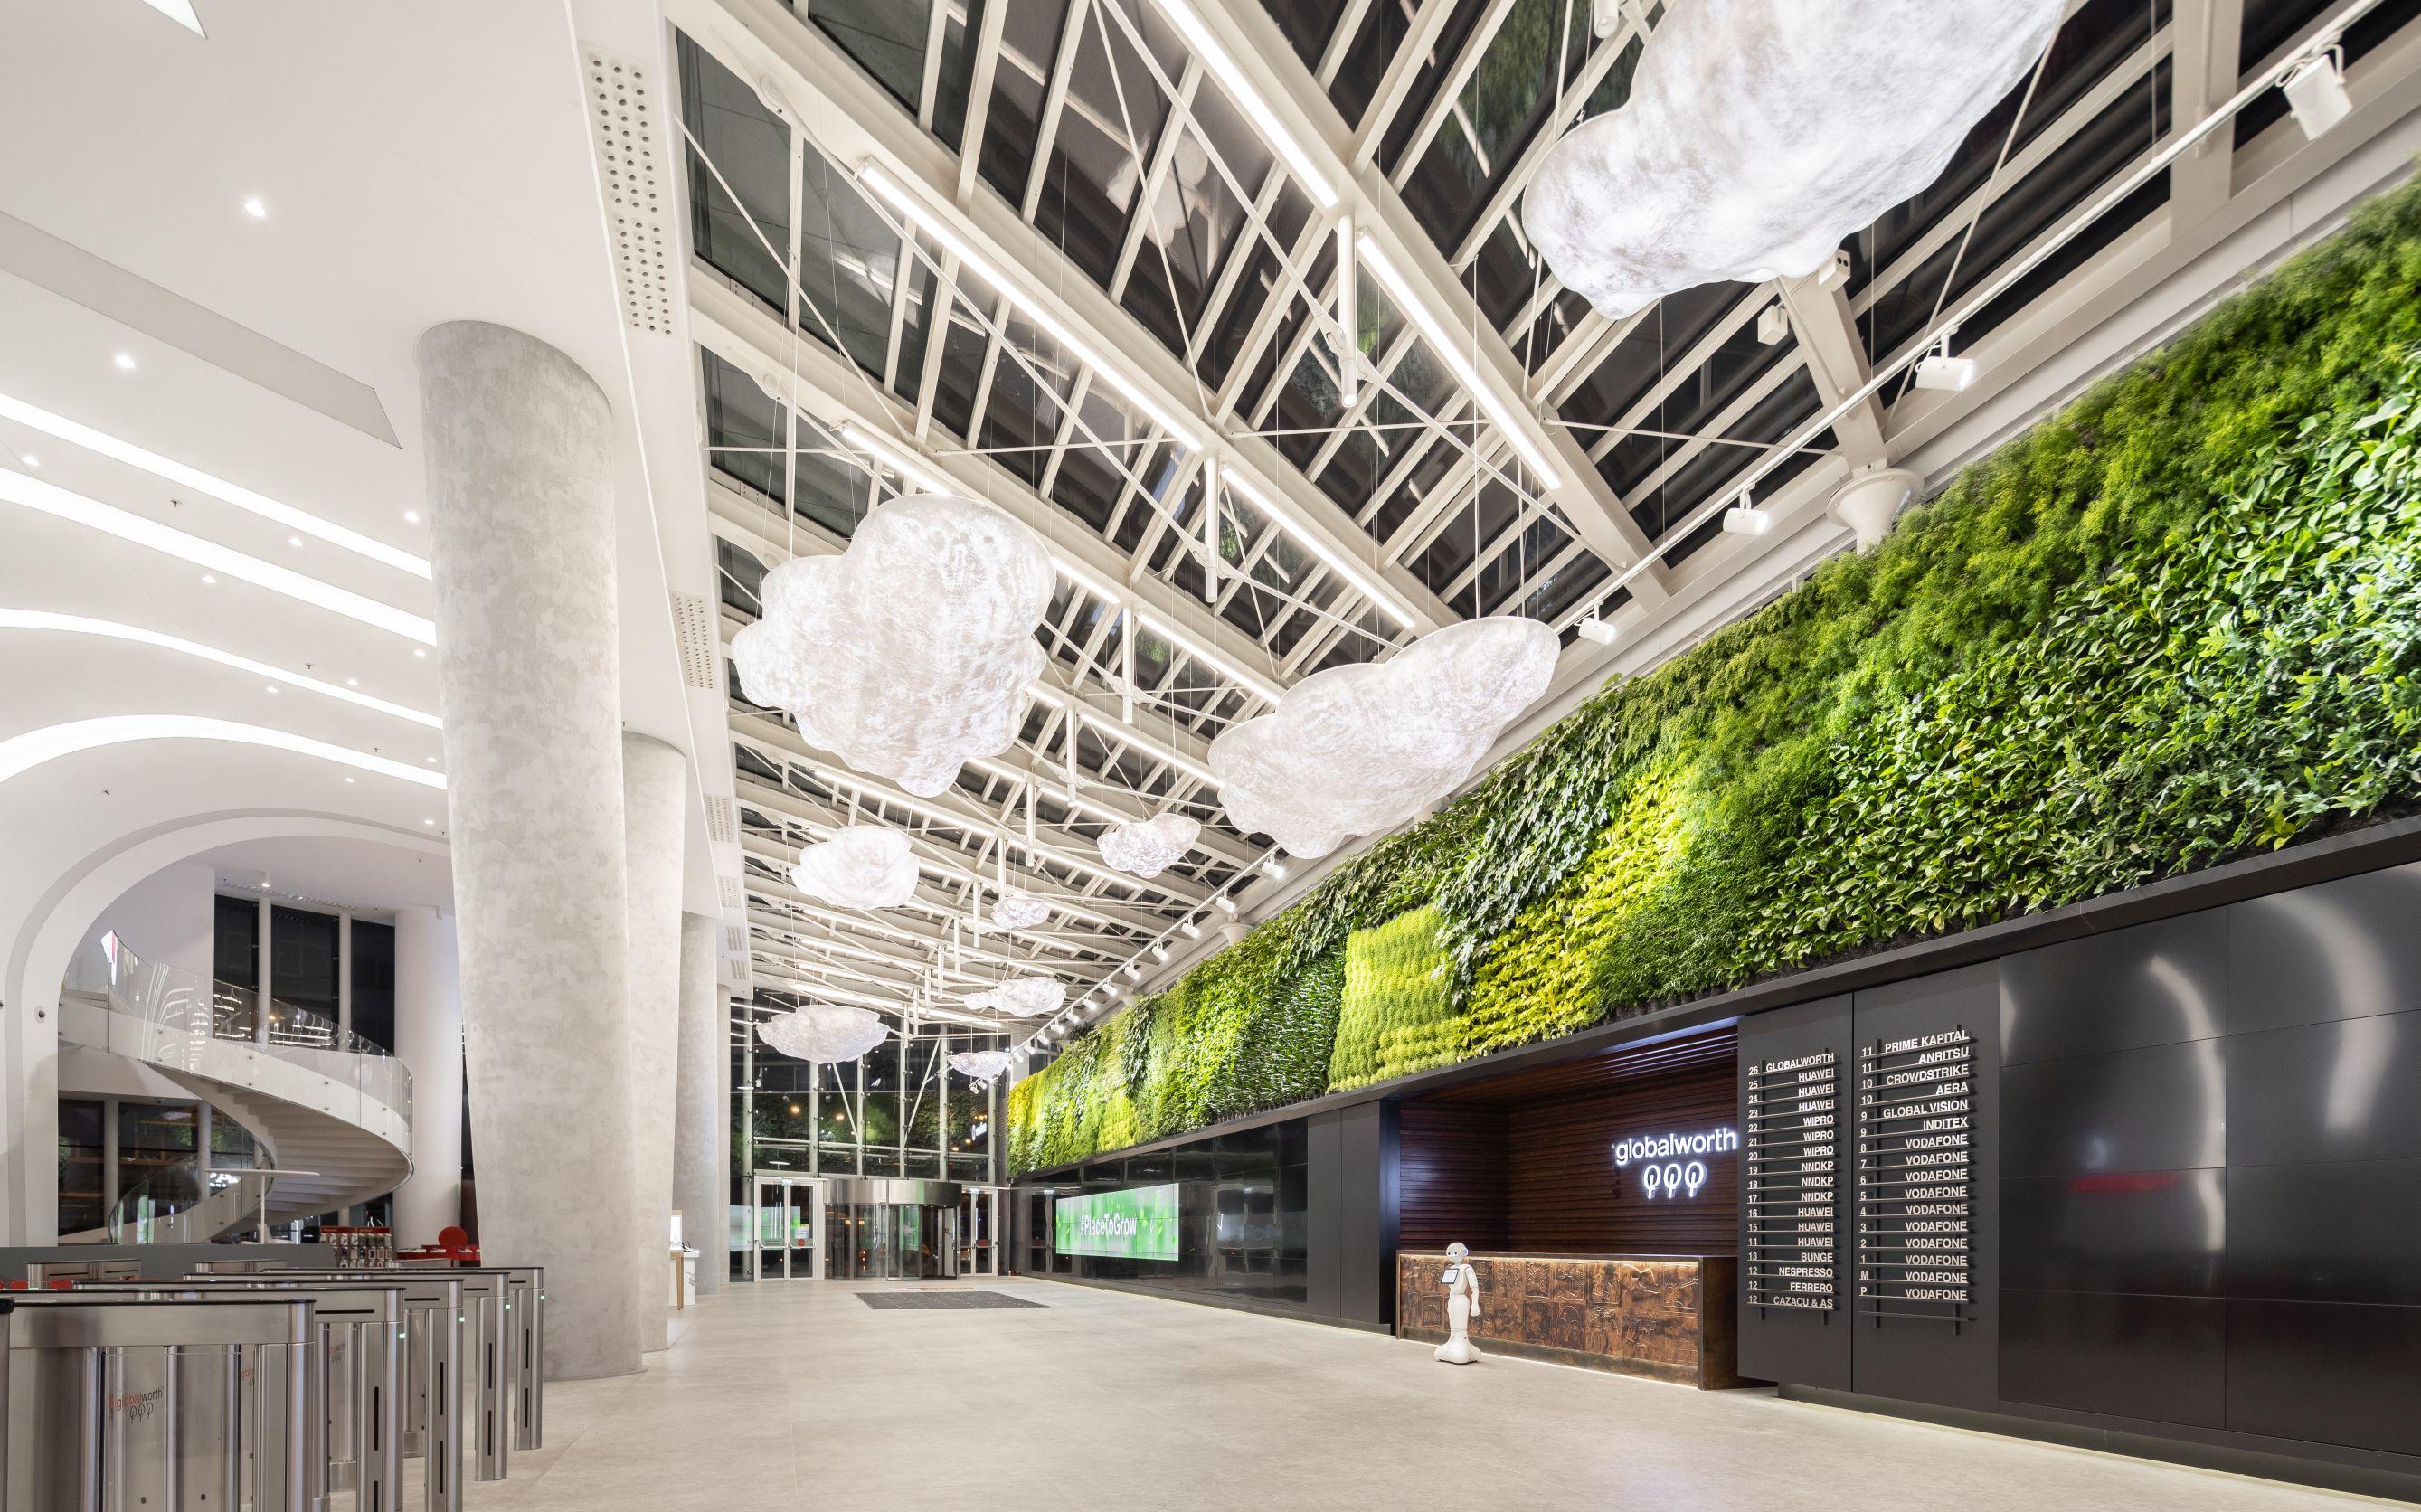 Cea mai mare podea cinetică din lume într-o clădire de birouri